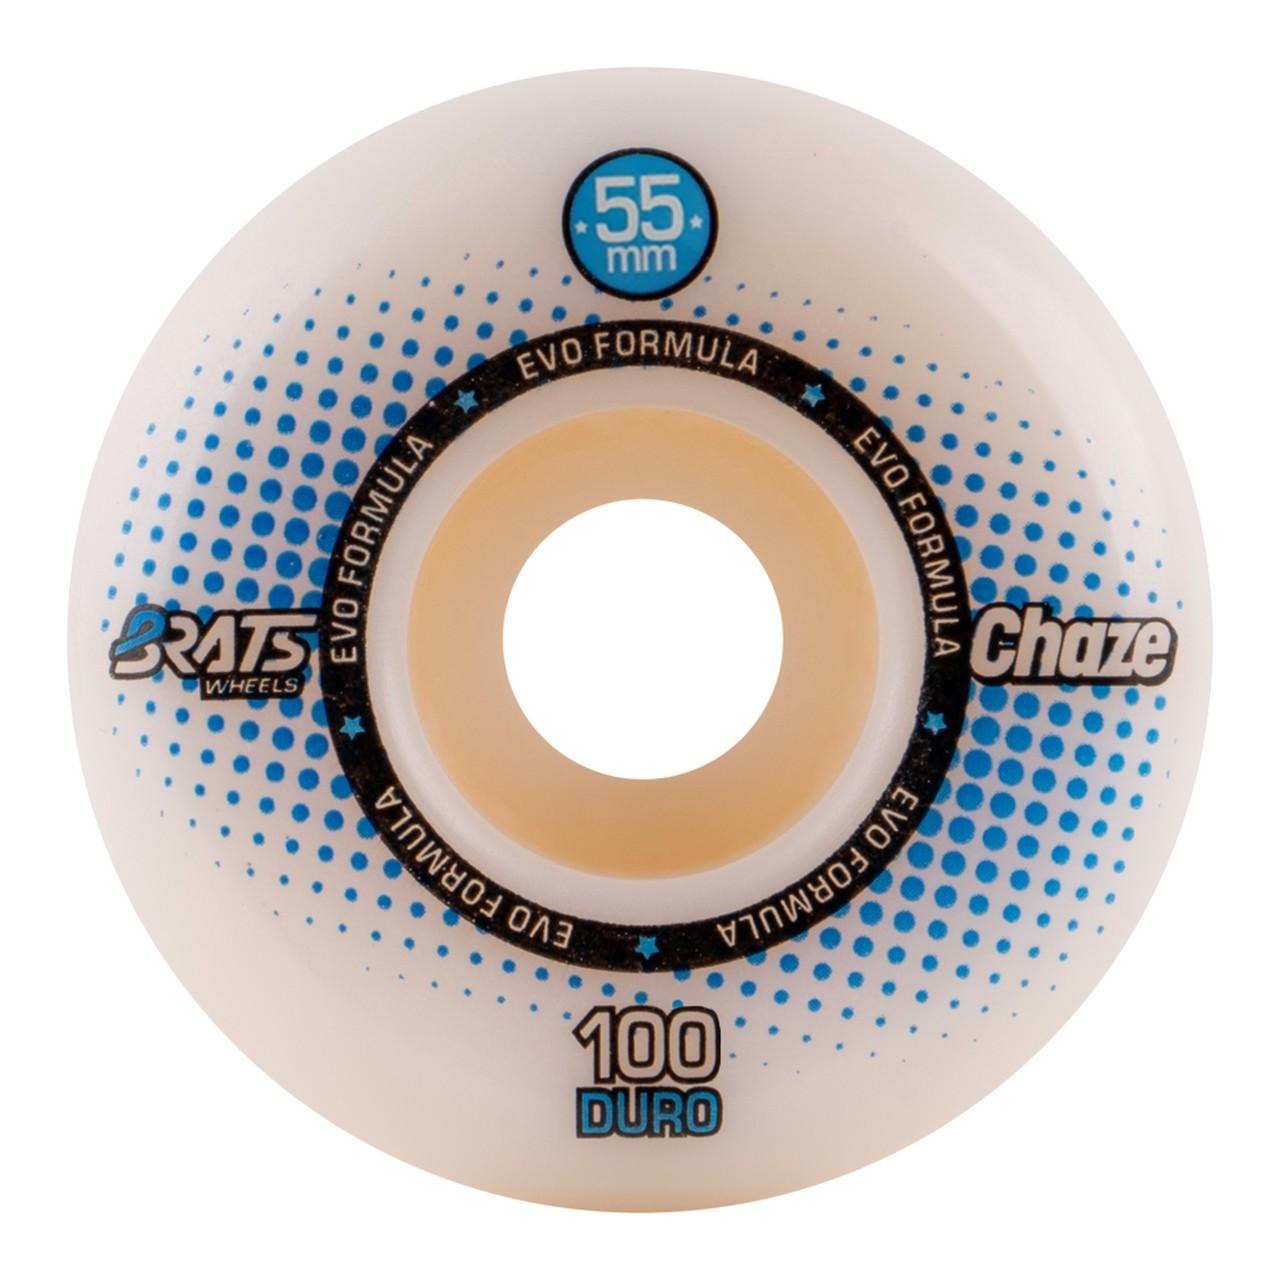 Roda Brats X Chaze 55MM Collab White 100A